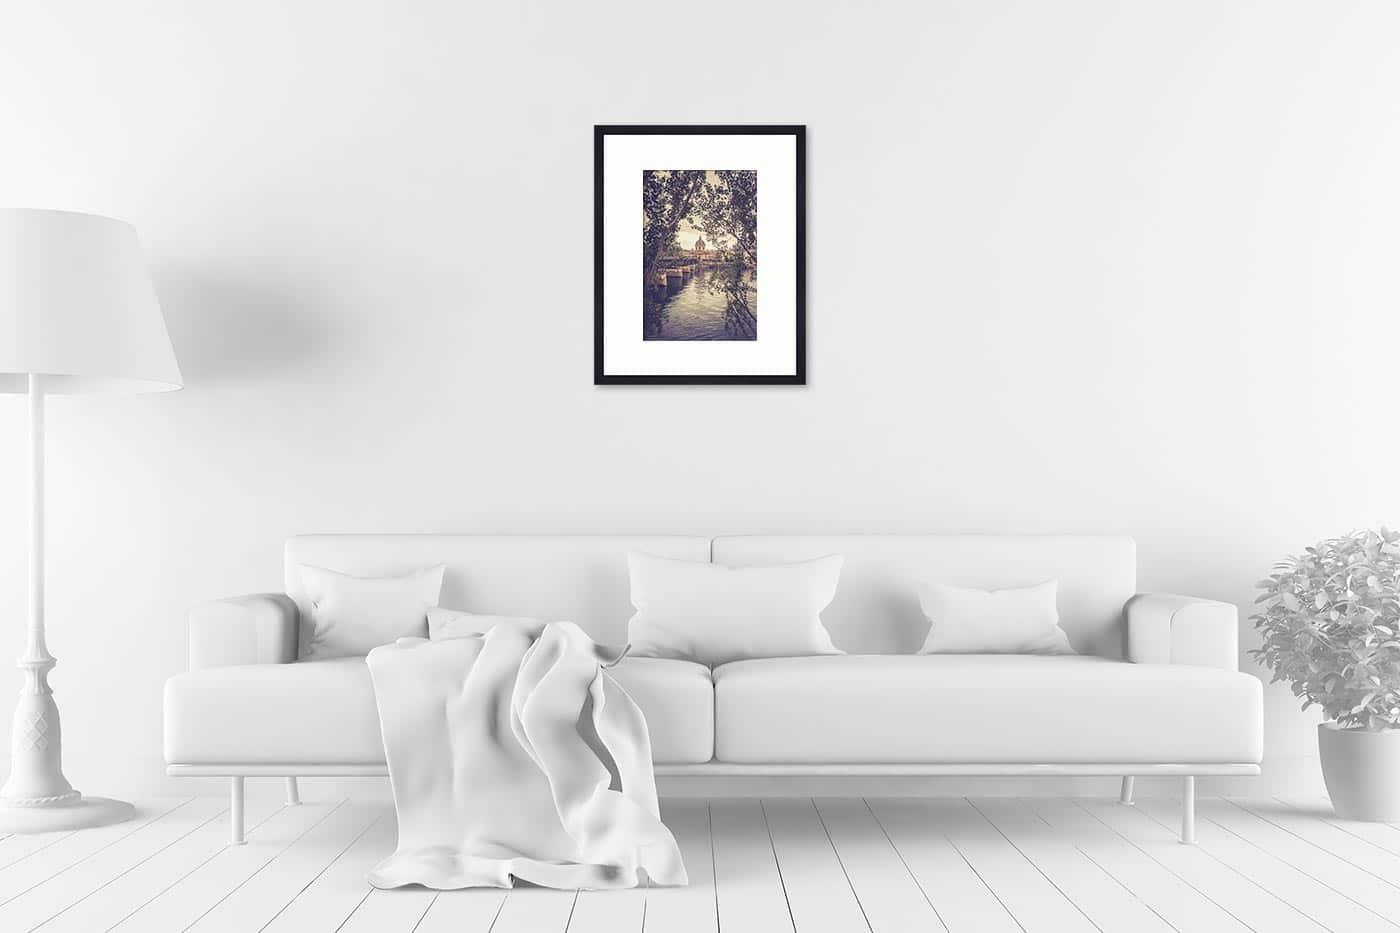 Cadre galerie 40x50 Paris 16H57